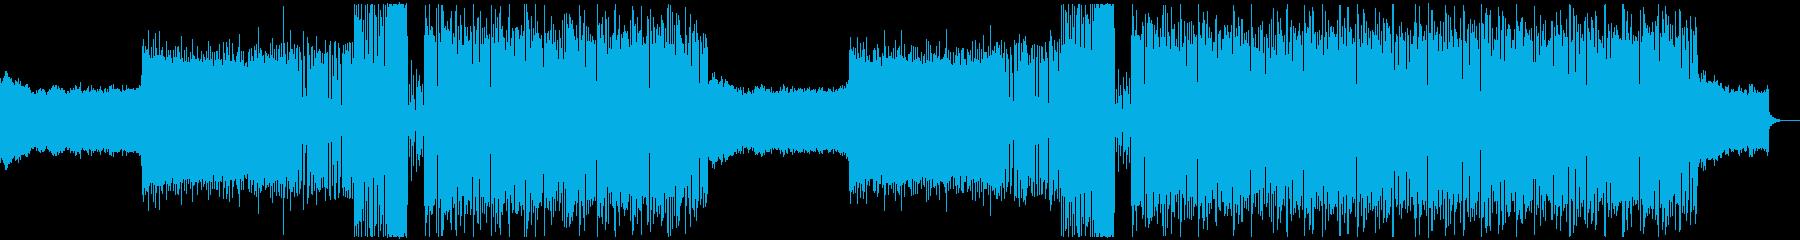 切ない・感動的・別れ EDMの再生済みの波形